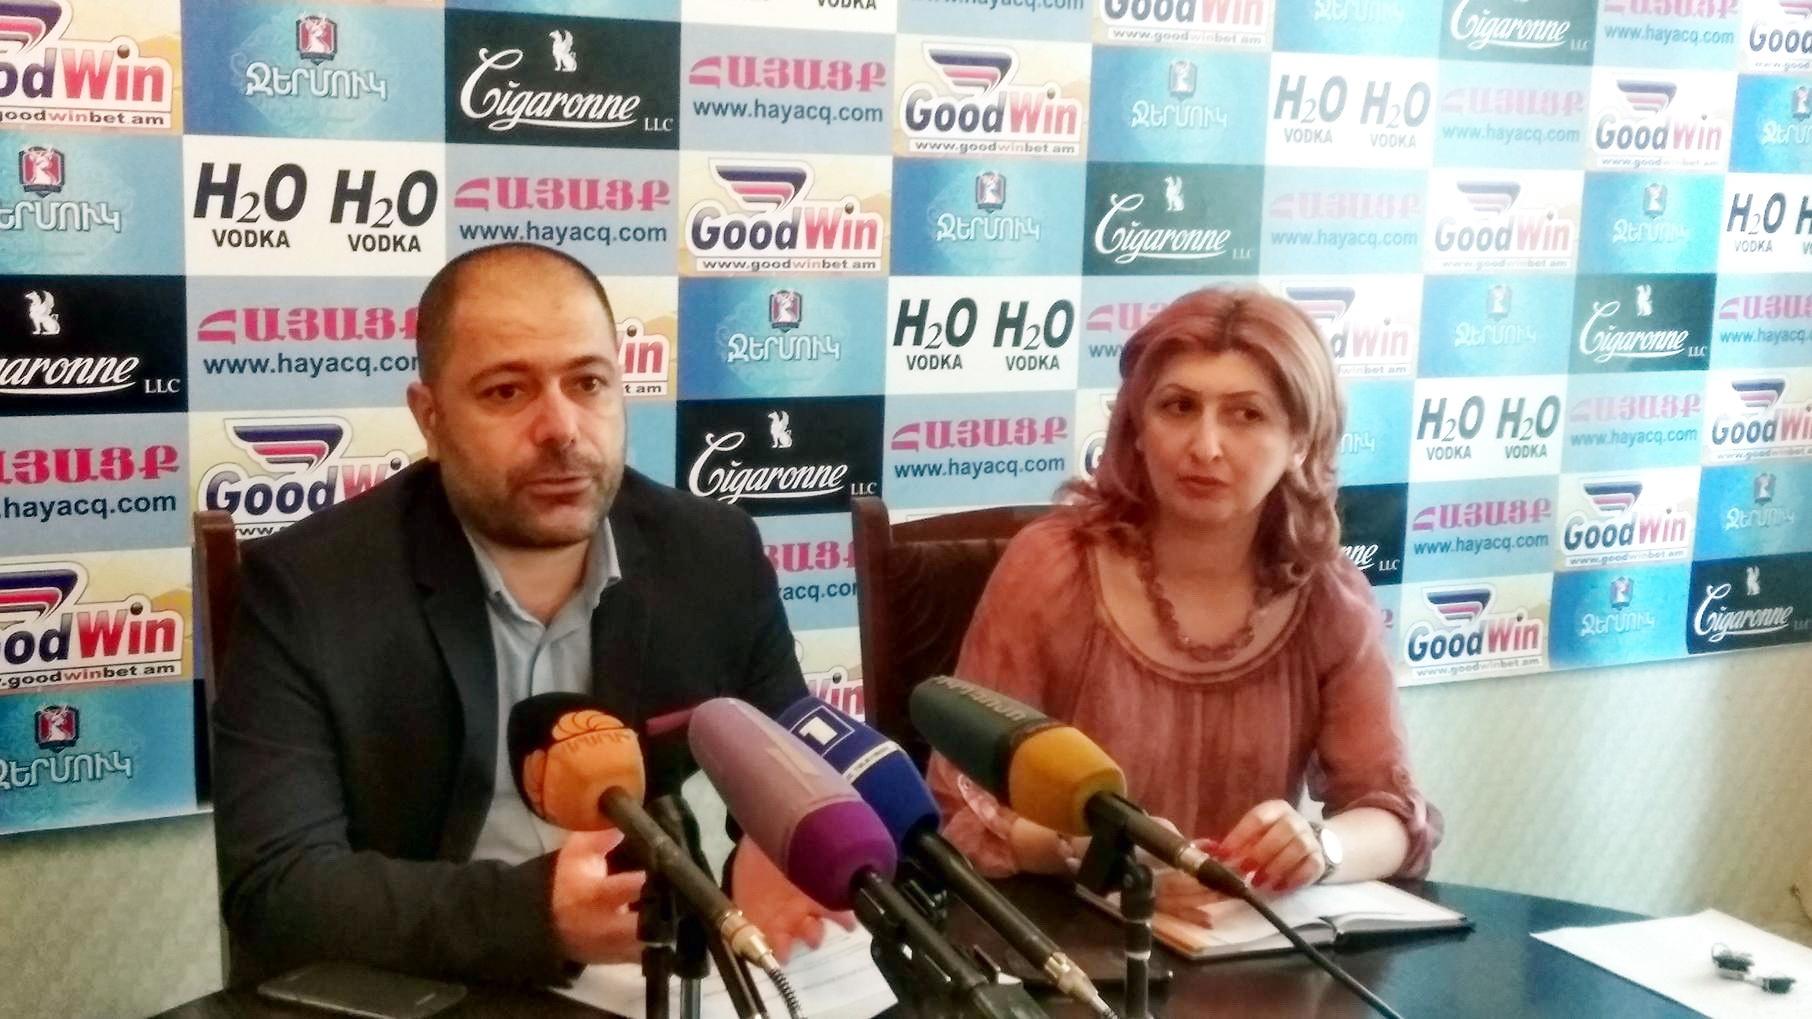 Թիրախային հարձակում է տեղի ունեցել Հայաստանի բանկային համակարգի վրա. Տեսանյութ